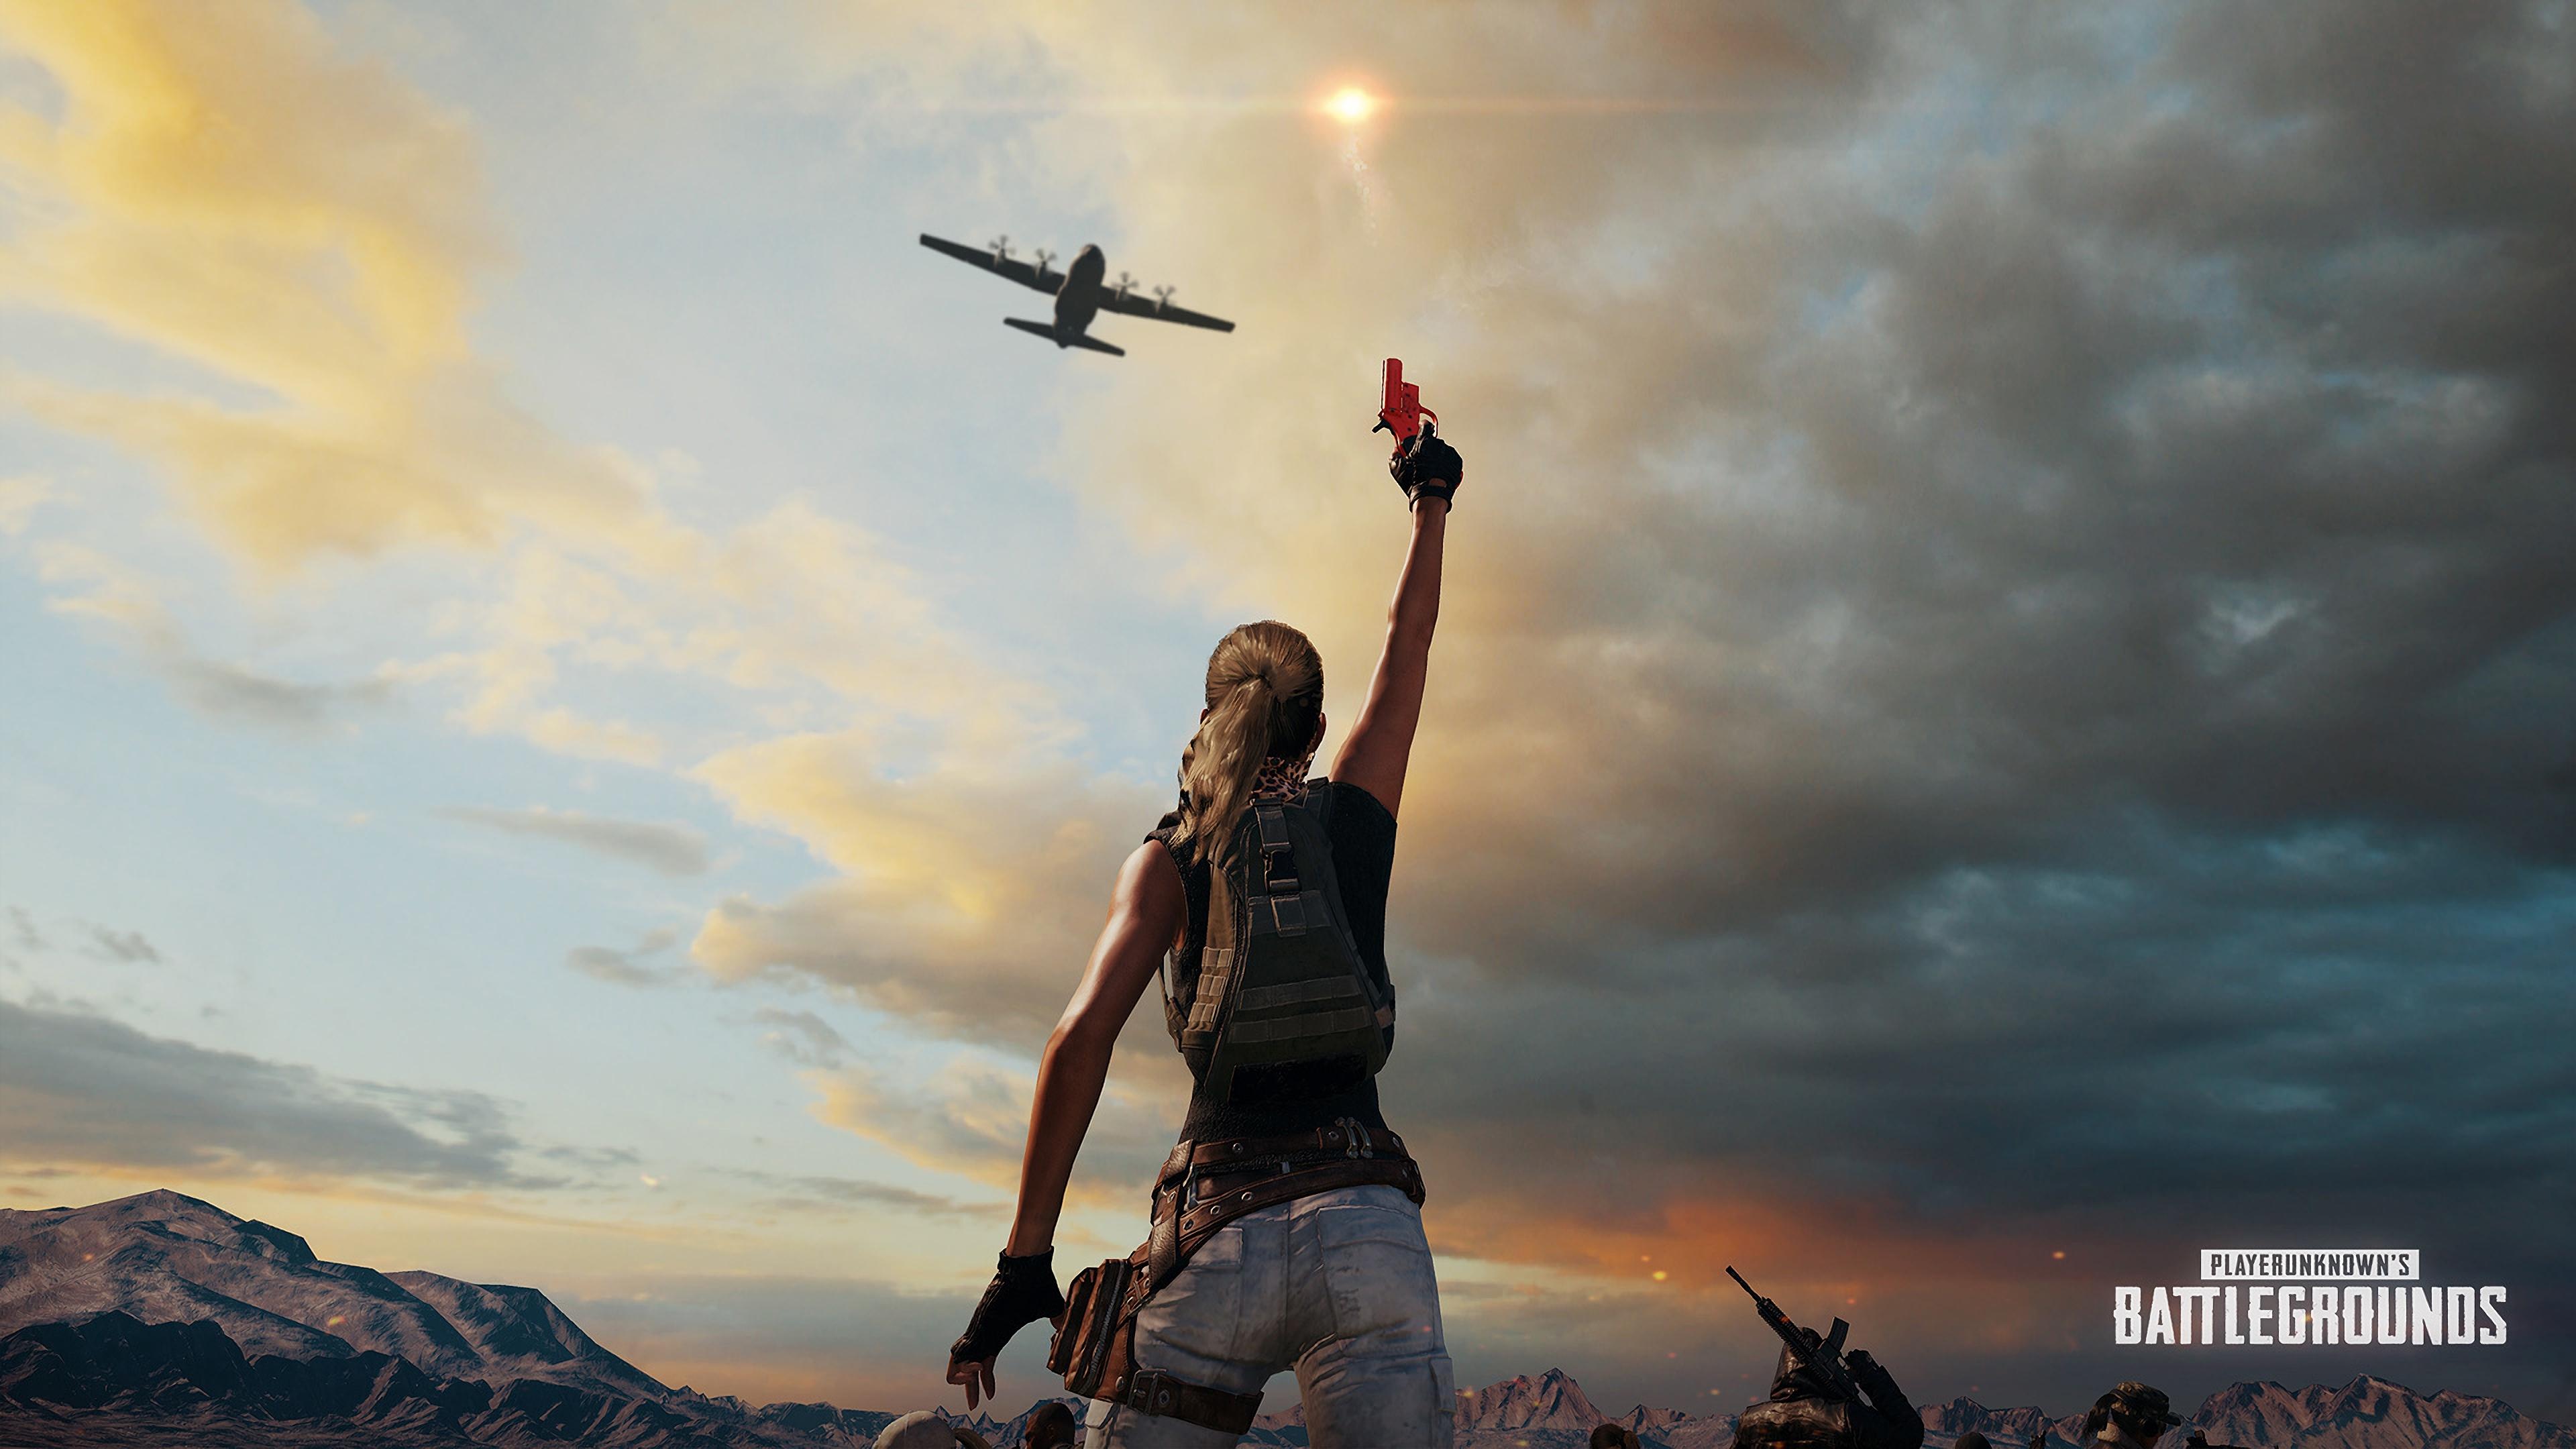 Pubg Playerunknowns Battlegrounds Background 1